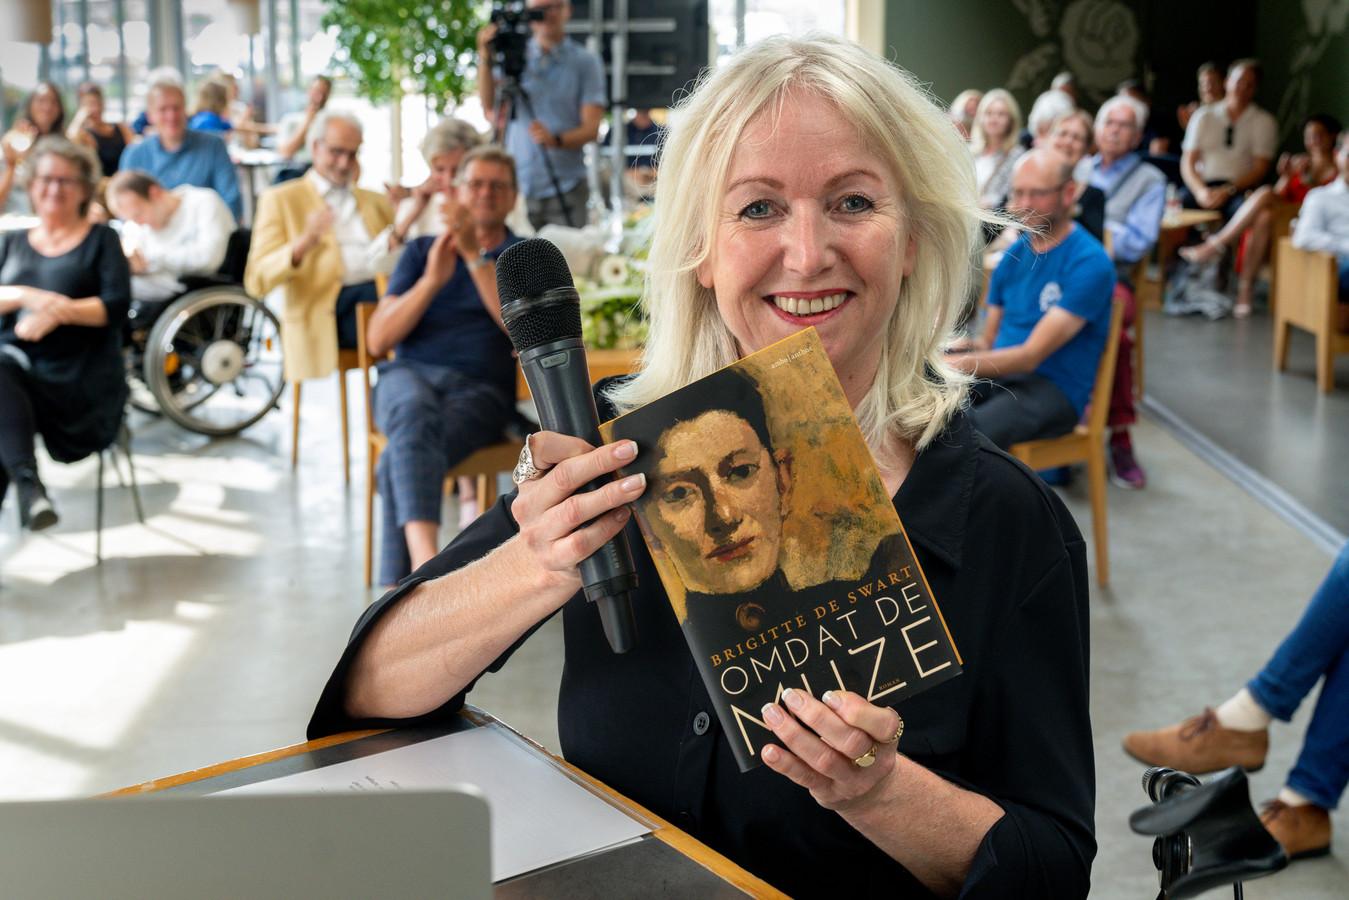 Brigitte de Swart bij de presentatie van haar eerste boek 'Omdat de Muze' in de Verkadefabriek.  Ze ging online in gesprek met schrijfster Mensje van Keulen, die het eerste exemplaar kreeg.